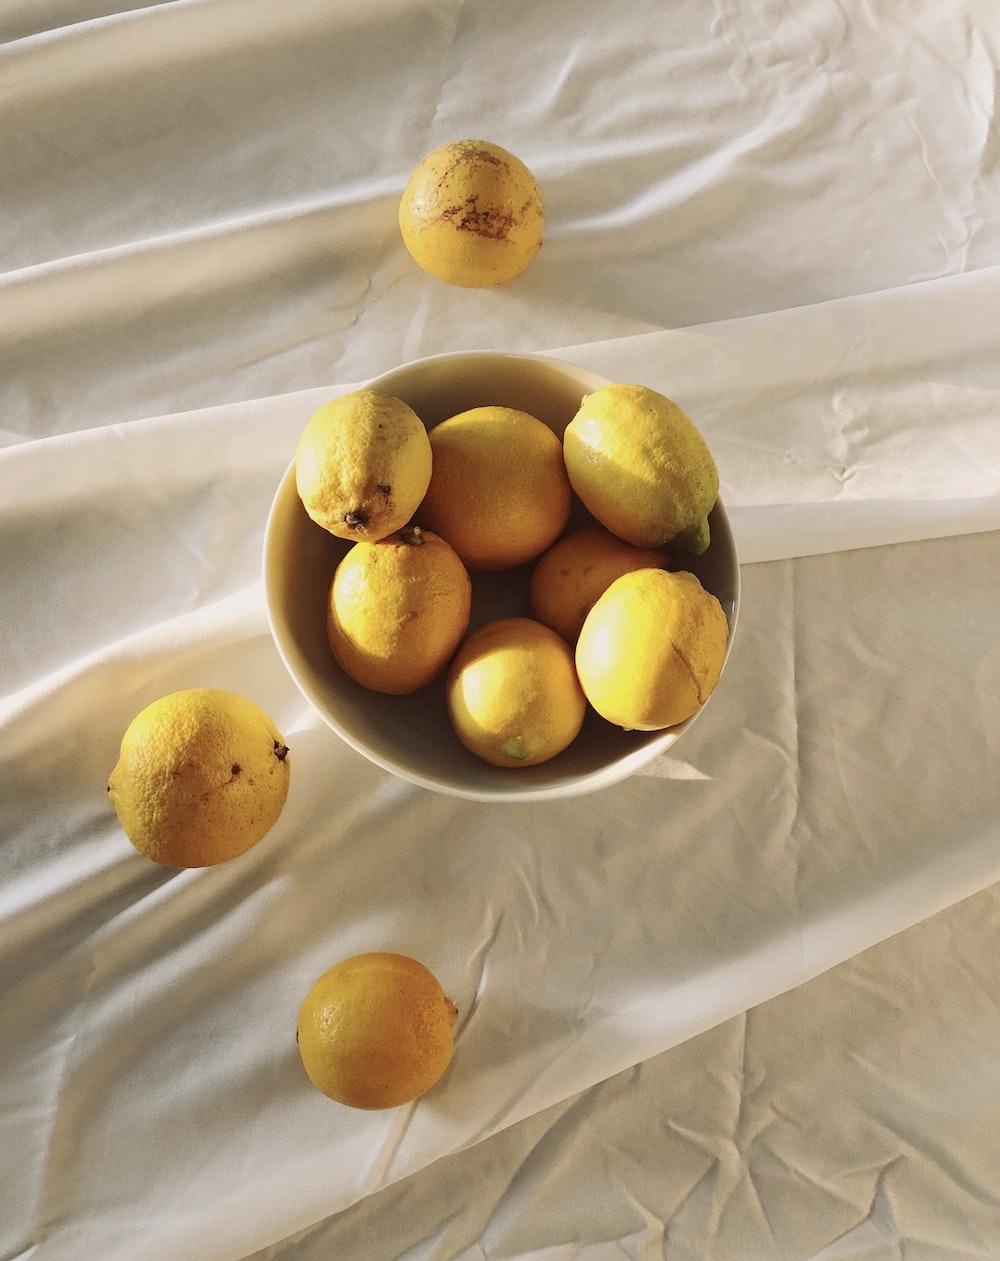 yellow citrus fruits on white textile